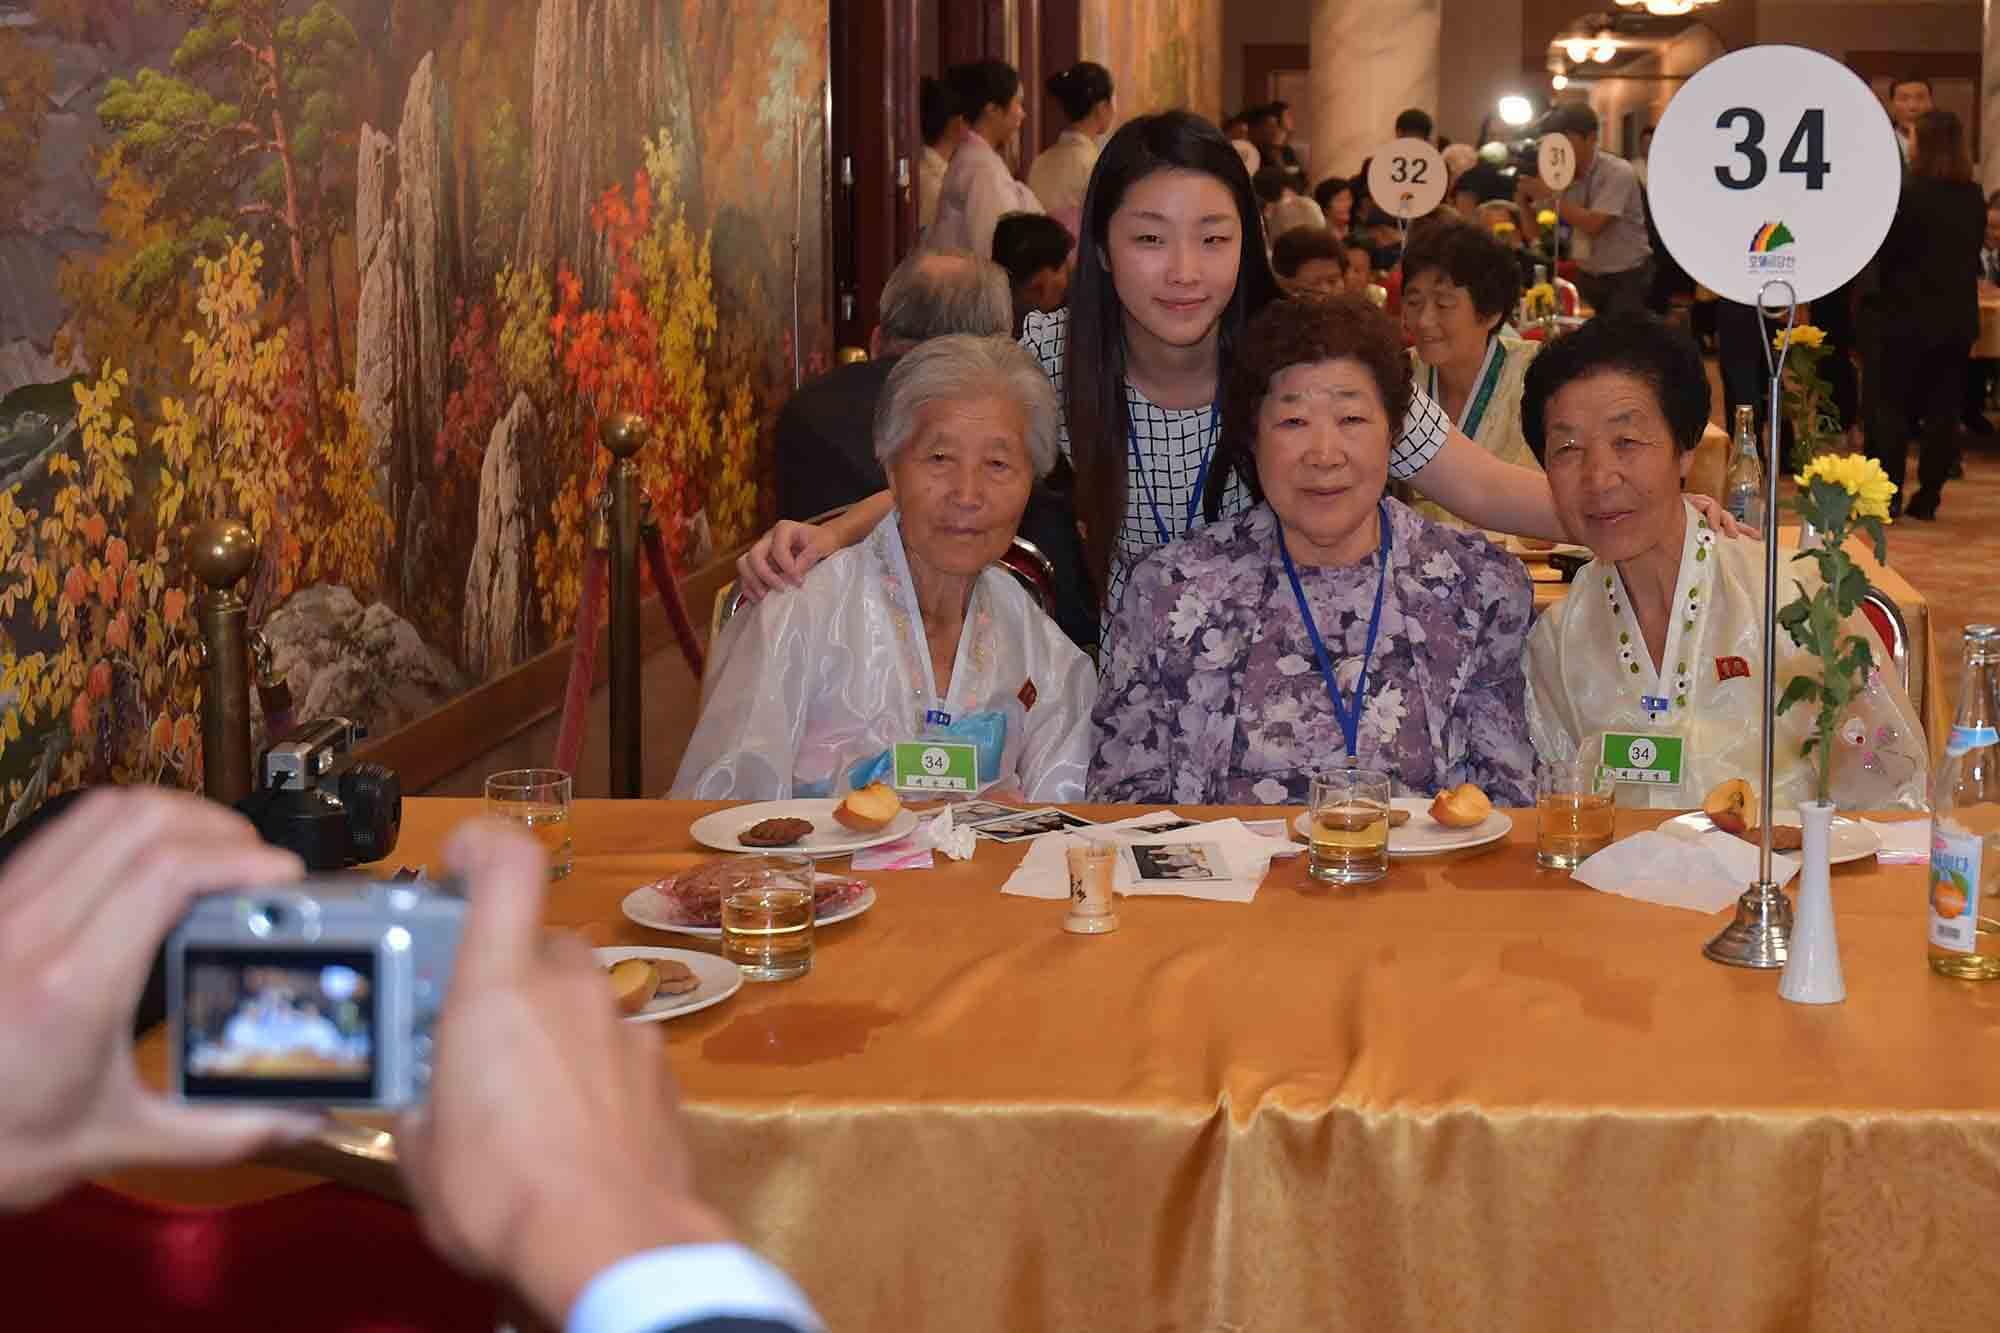 배순희(82) 할머니가 북측 언니 배순복(87)과 동생 배순영(75)을 만나 기념 촬영을 하고 있다.사진공동취재단